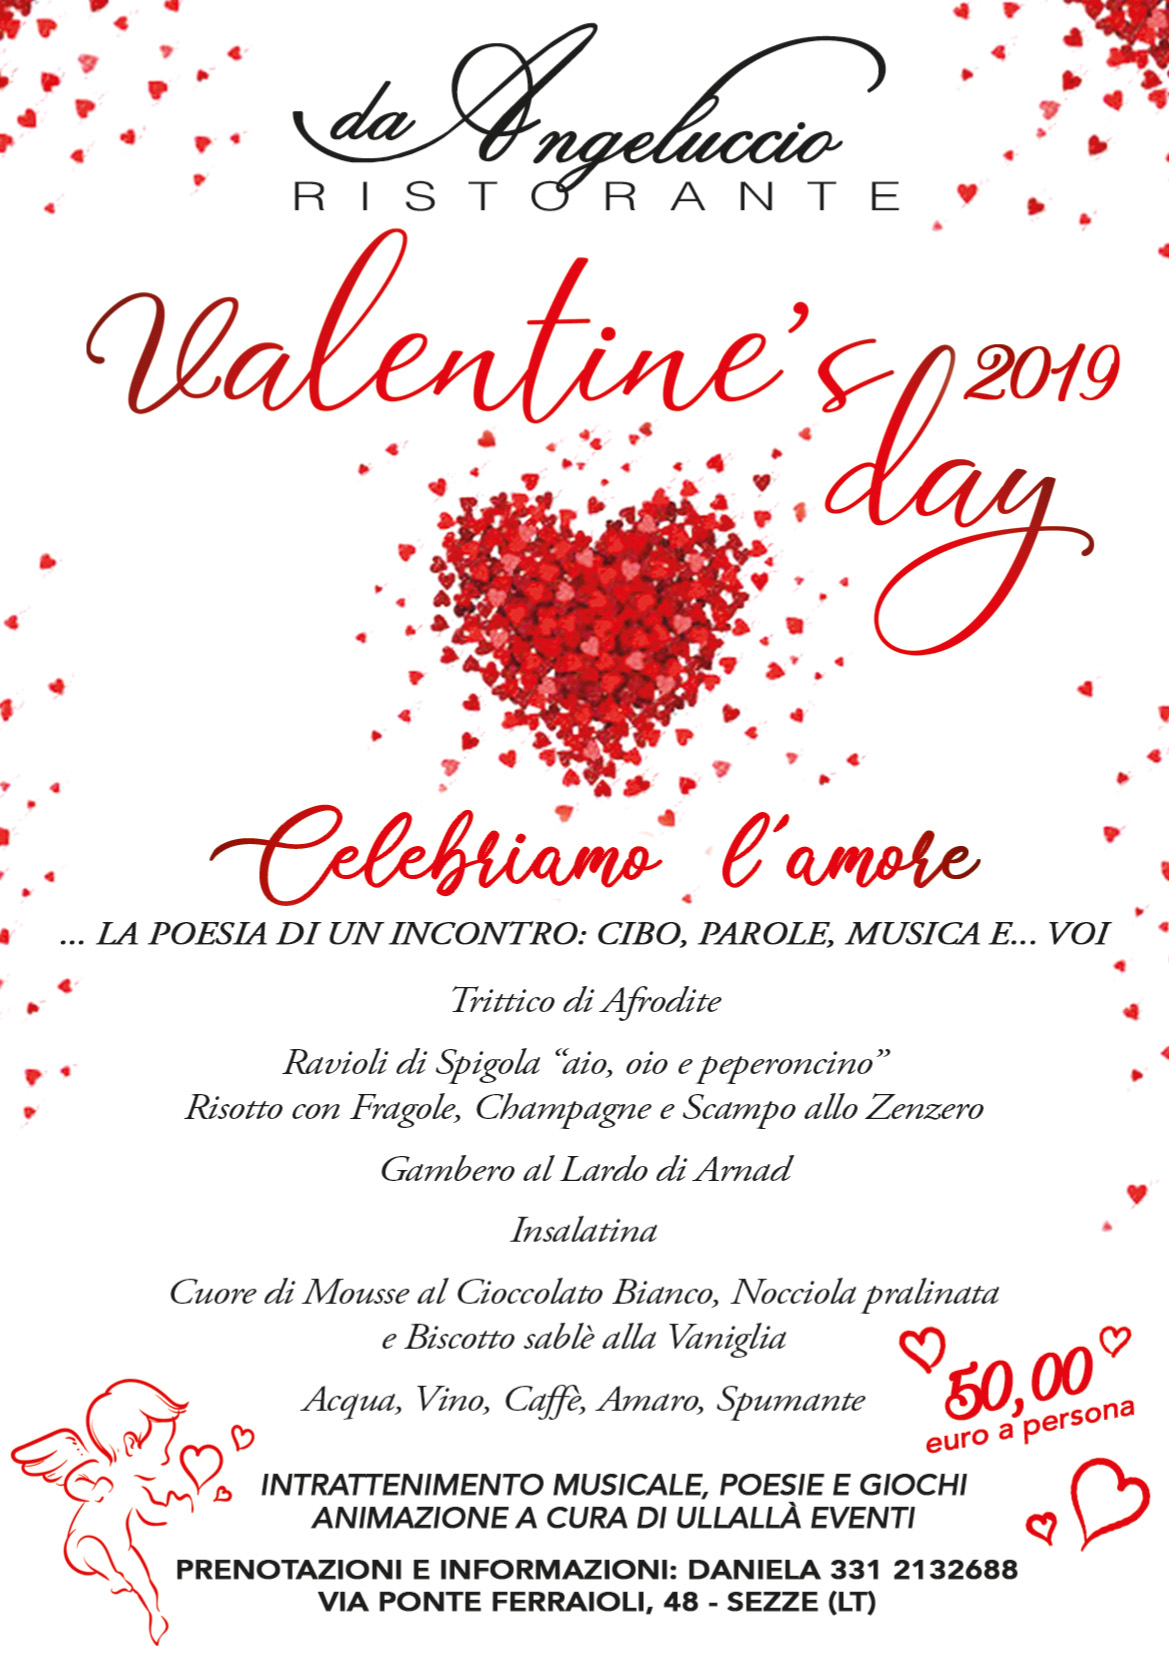 San Valentino 2019: celebriamo l'amore